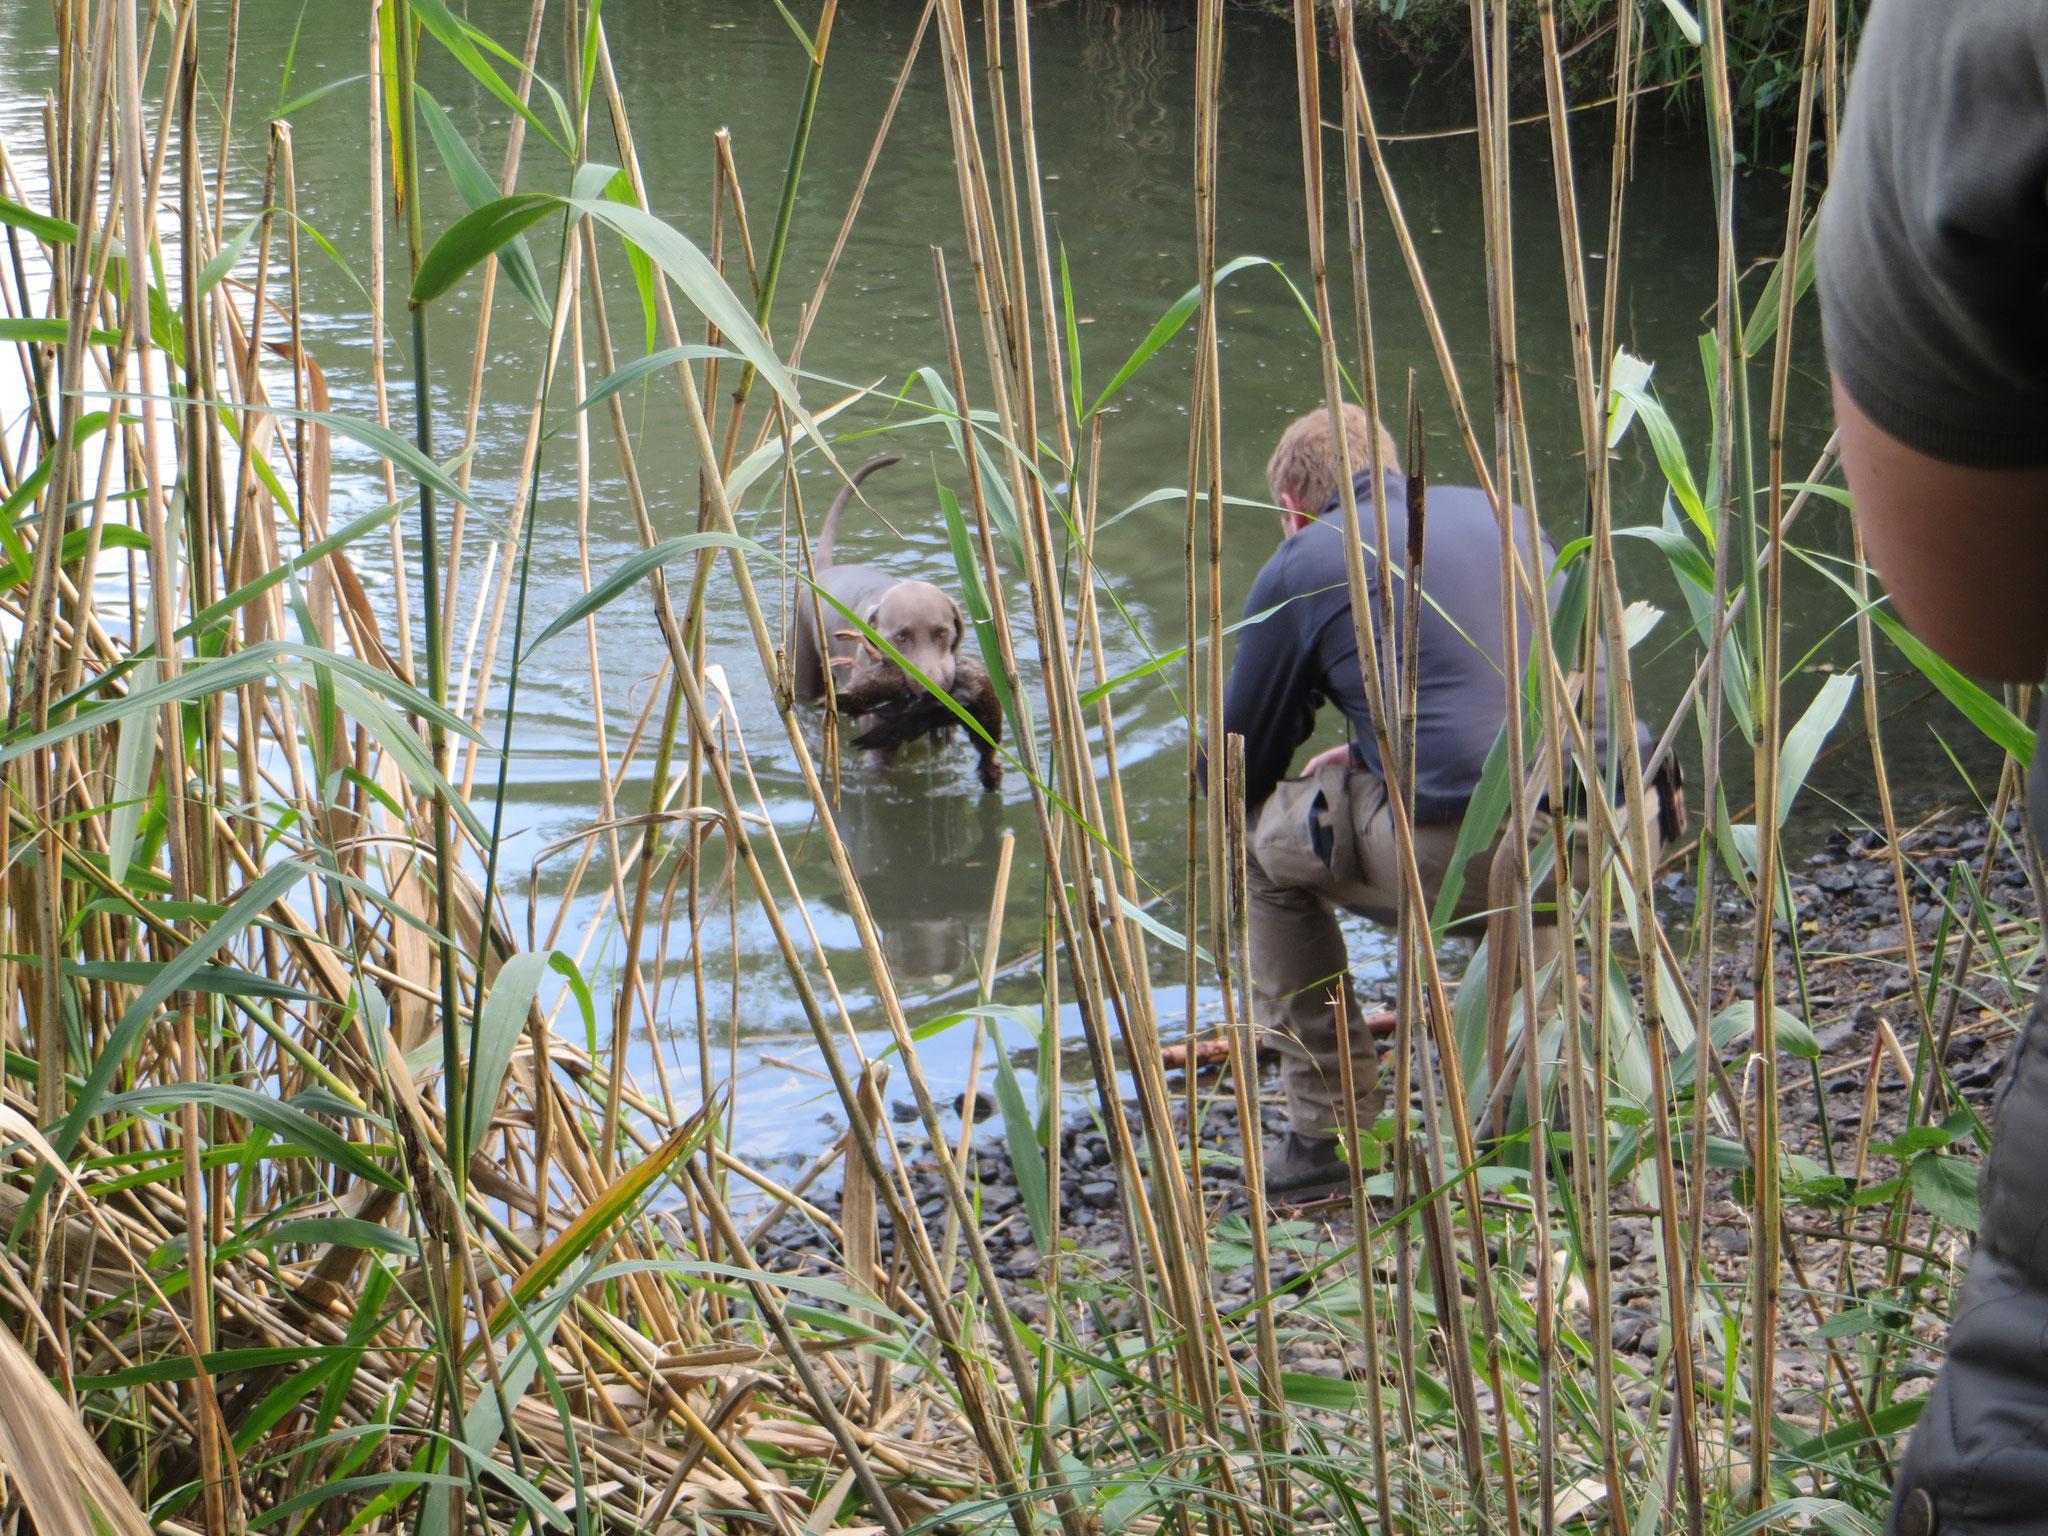 Amras bringt die Ente nach Überprüfung der Schussfestigkeit am Wasser.